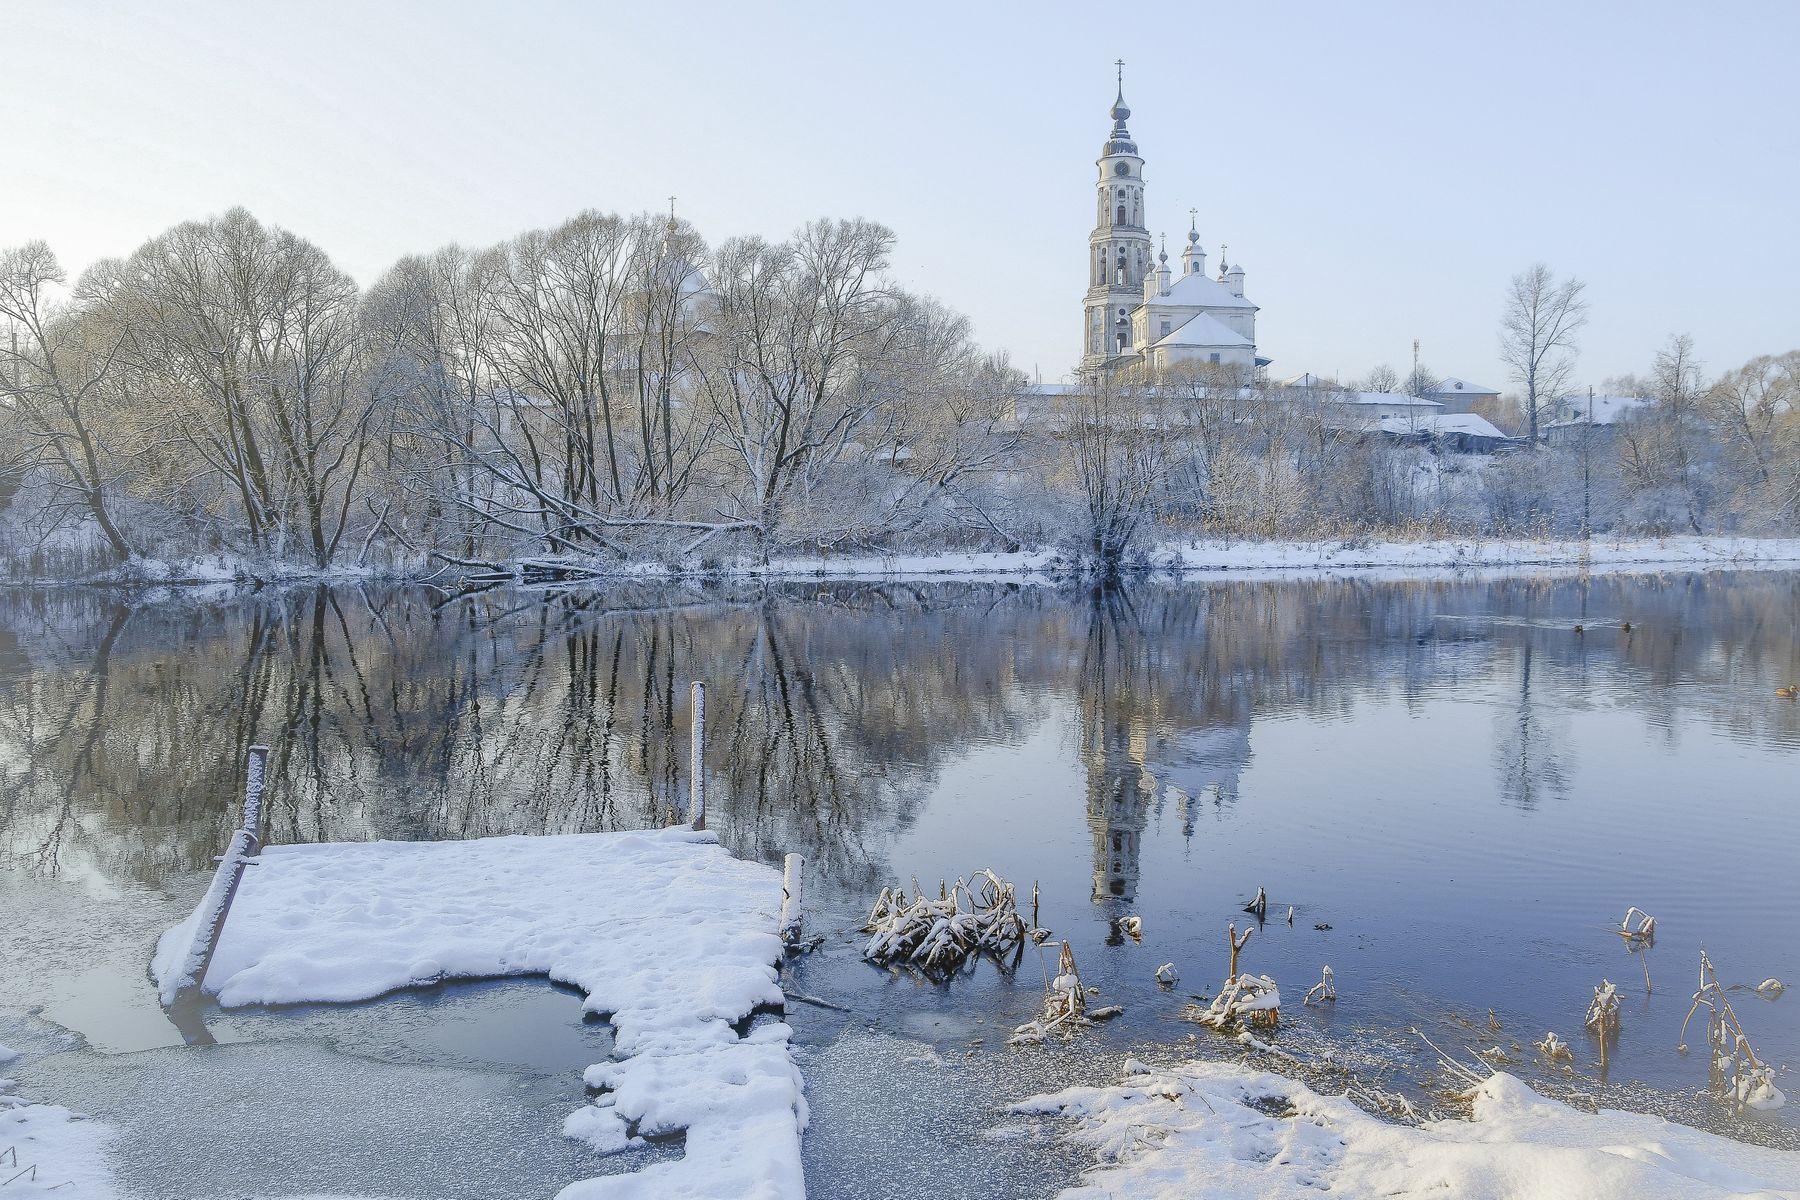 Полдень . Зимний пейзаж река храм утки мостки Лежнево